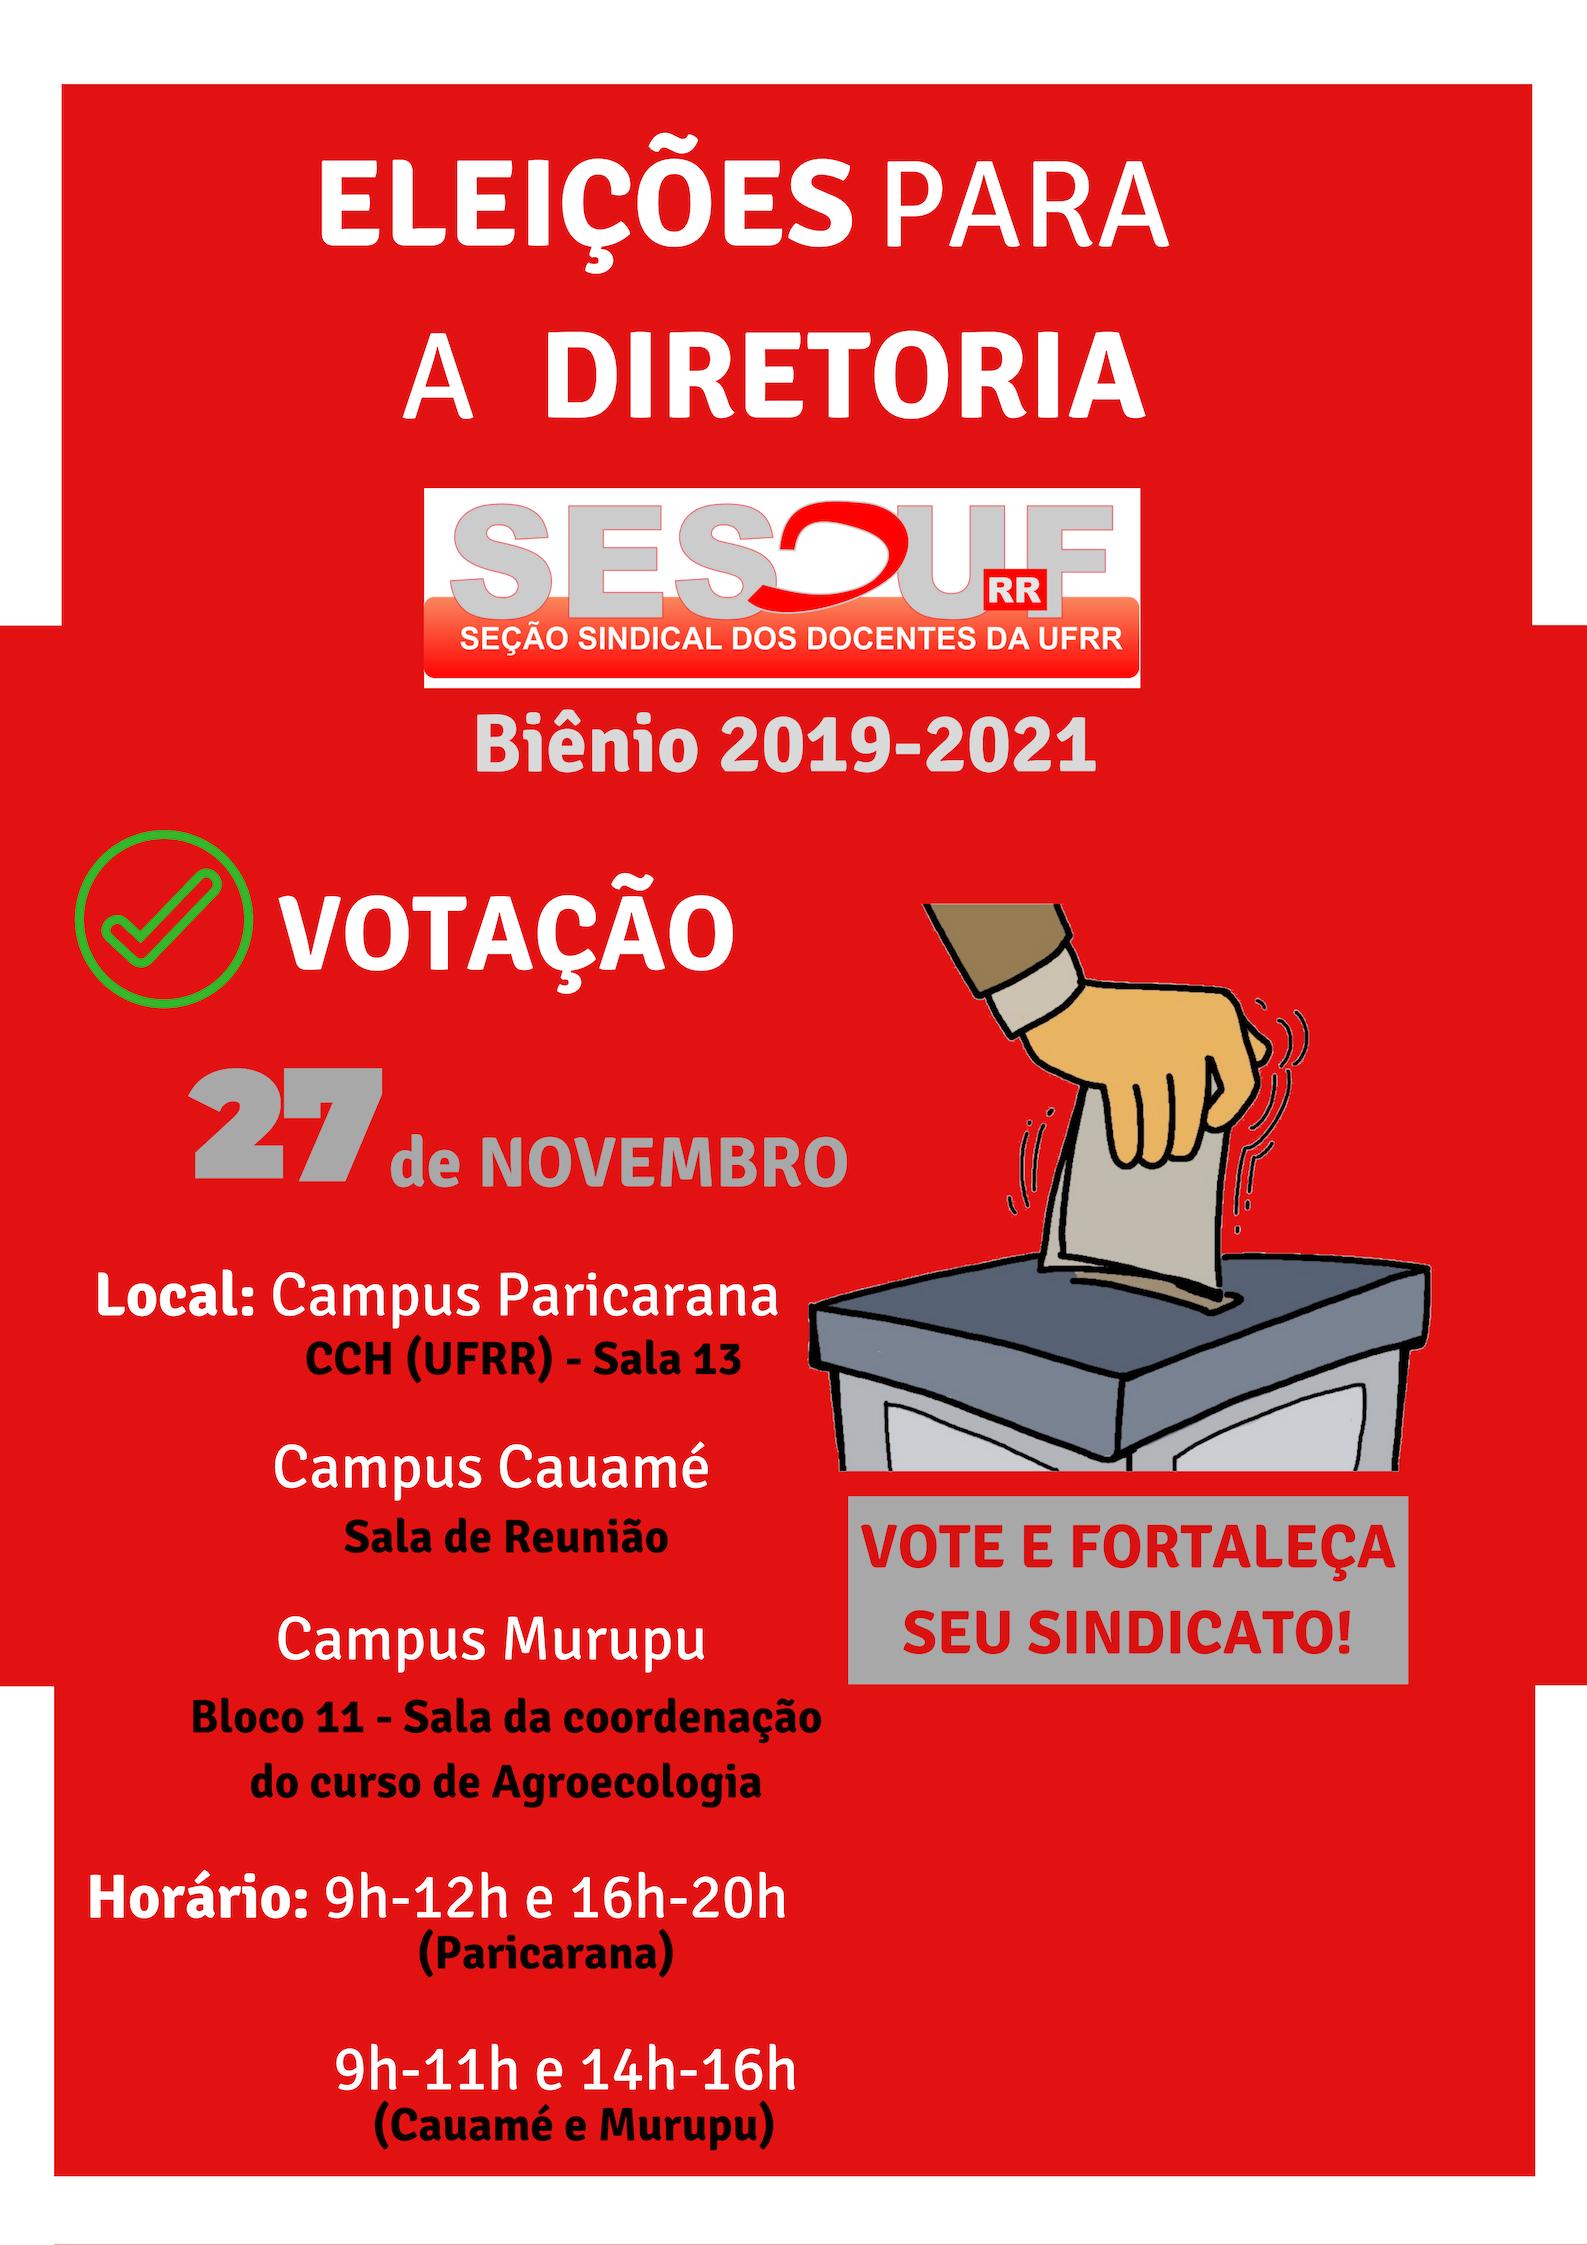 Eleições para Diretoria da SESDUF-RR ( Biênio 2019-2021)